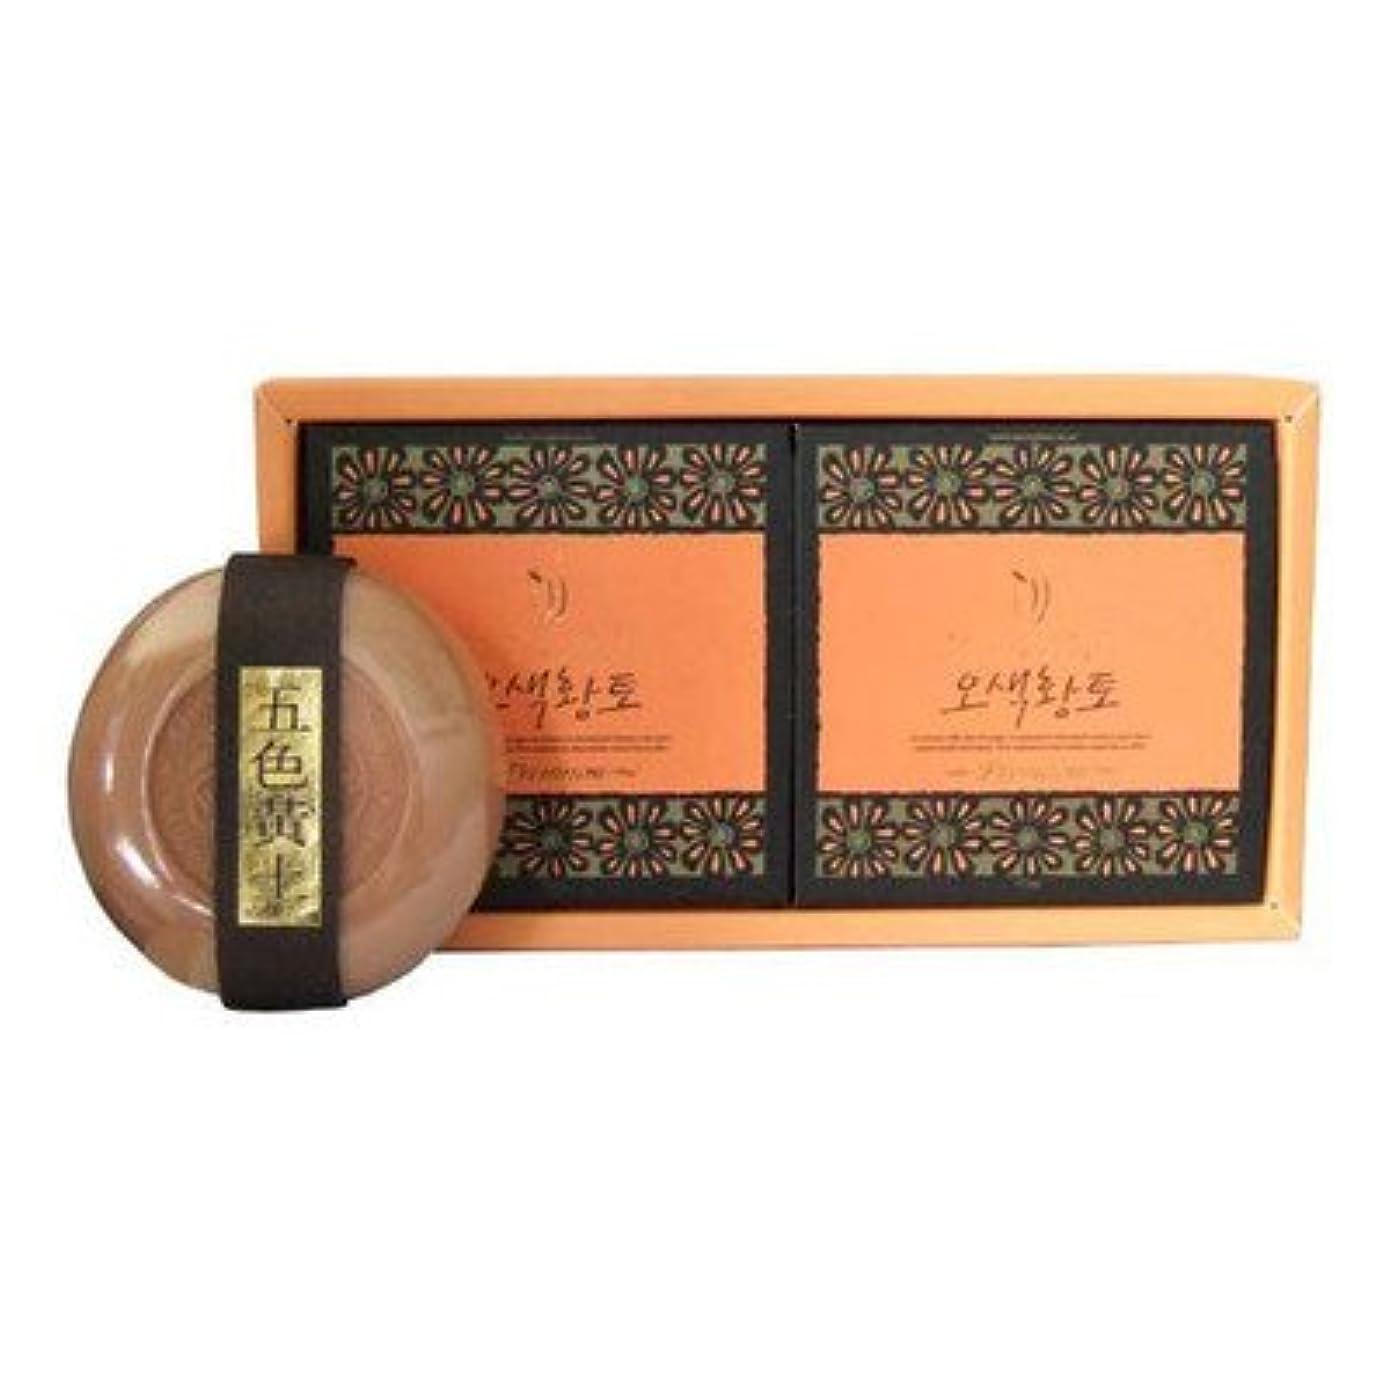 活性化する無効にする添加剤SONGHAK(ソンハク) 五色黄土石鹸 110g X 2個